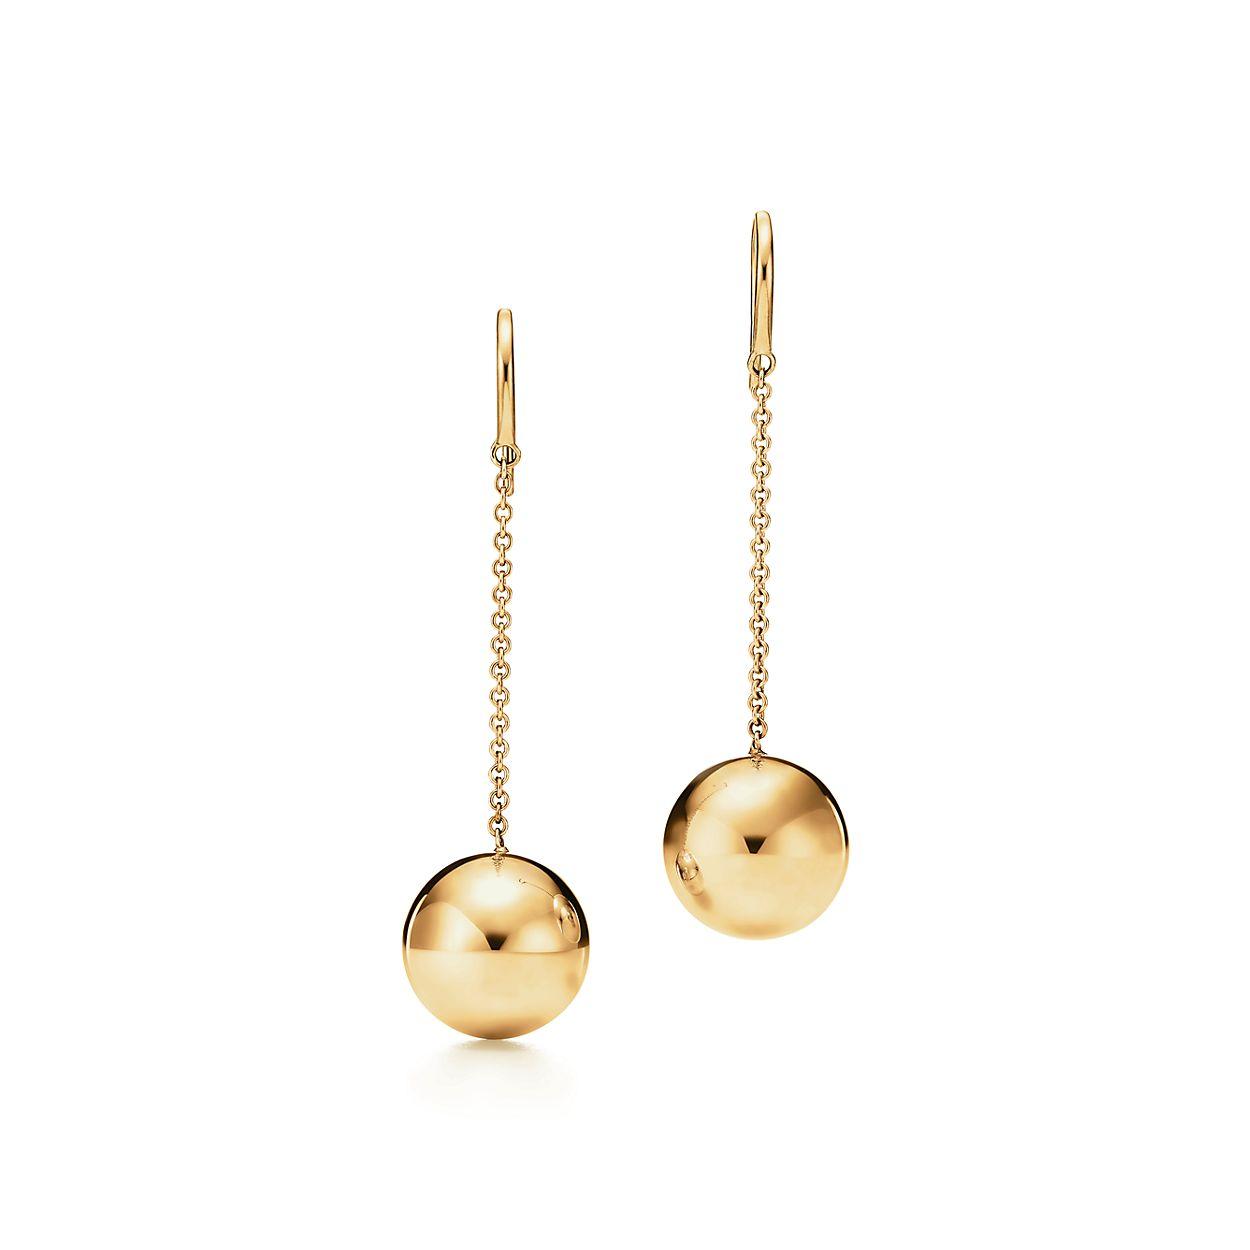 Tiffany HardWear ball hook earrings in 18k gold. | Tiffany & Co.